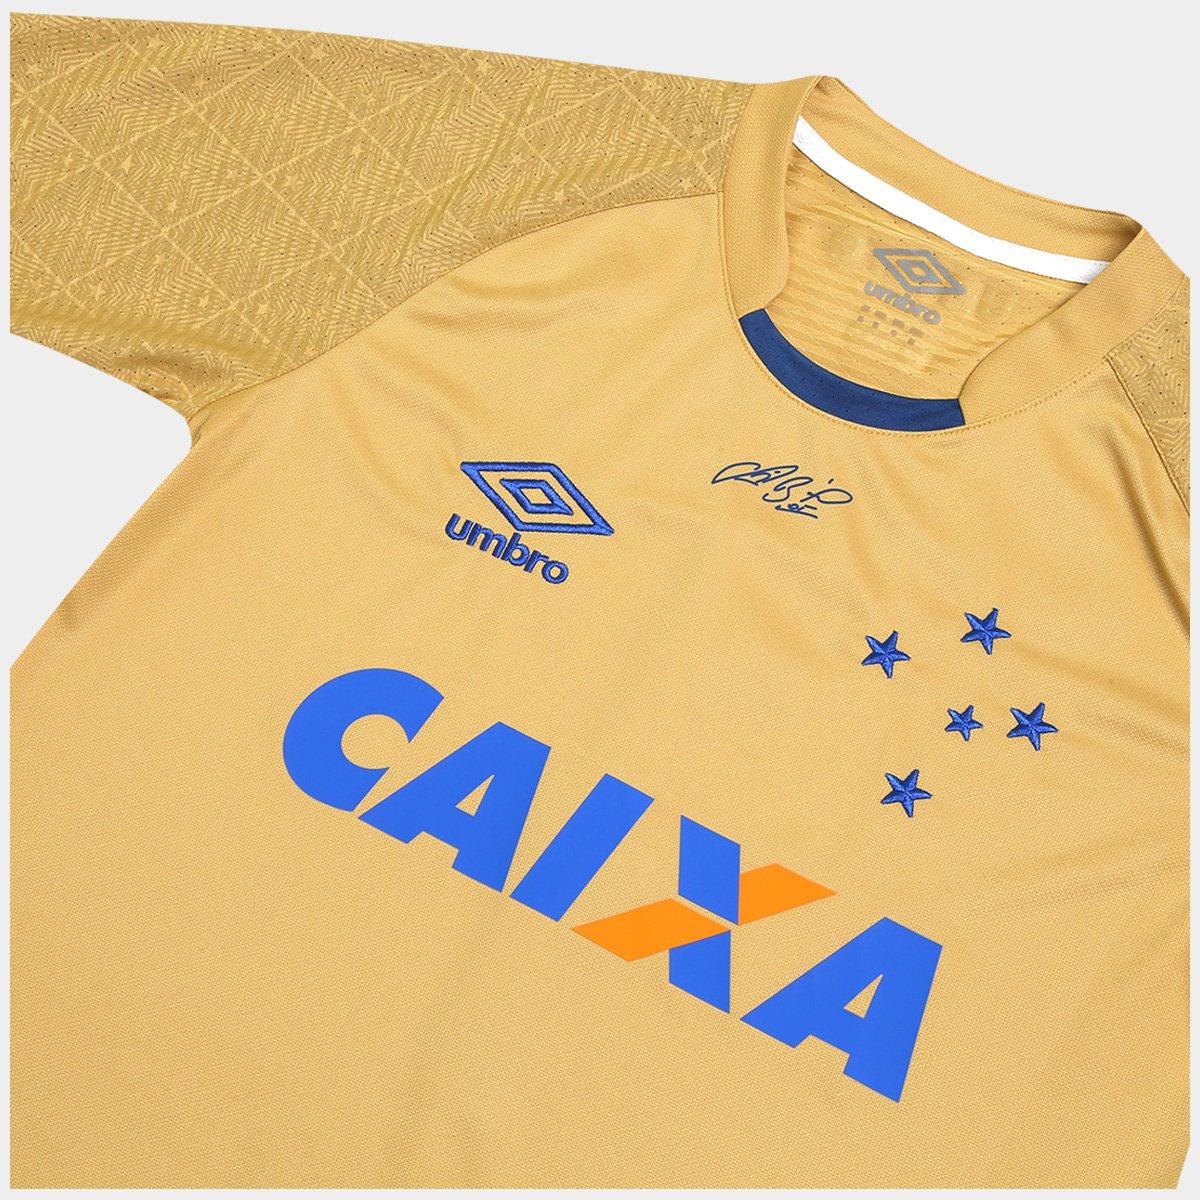 Camisa Cruzeiro Goleiro 17 18 nº 1 - Fábio Torcedor Umbro Masculina ... 9139b1d36fb7a